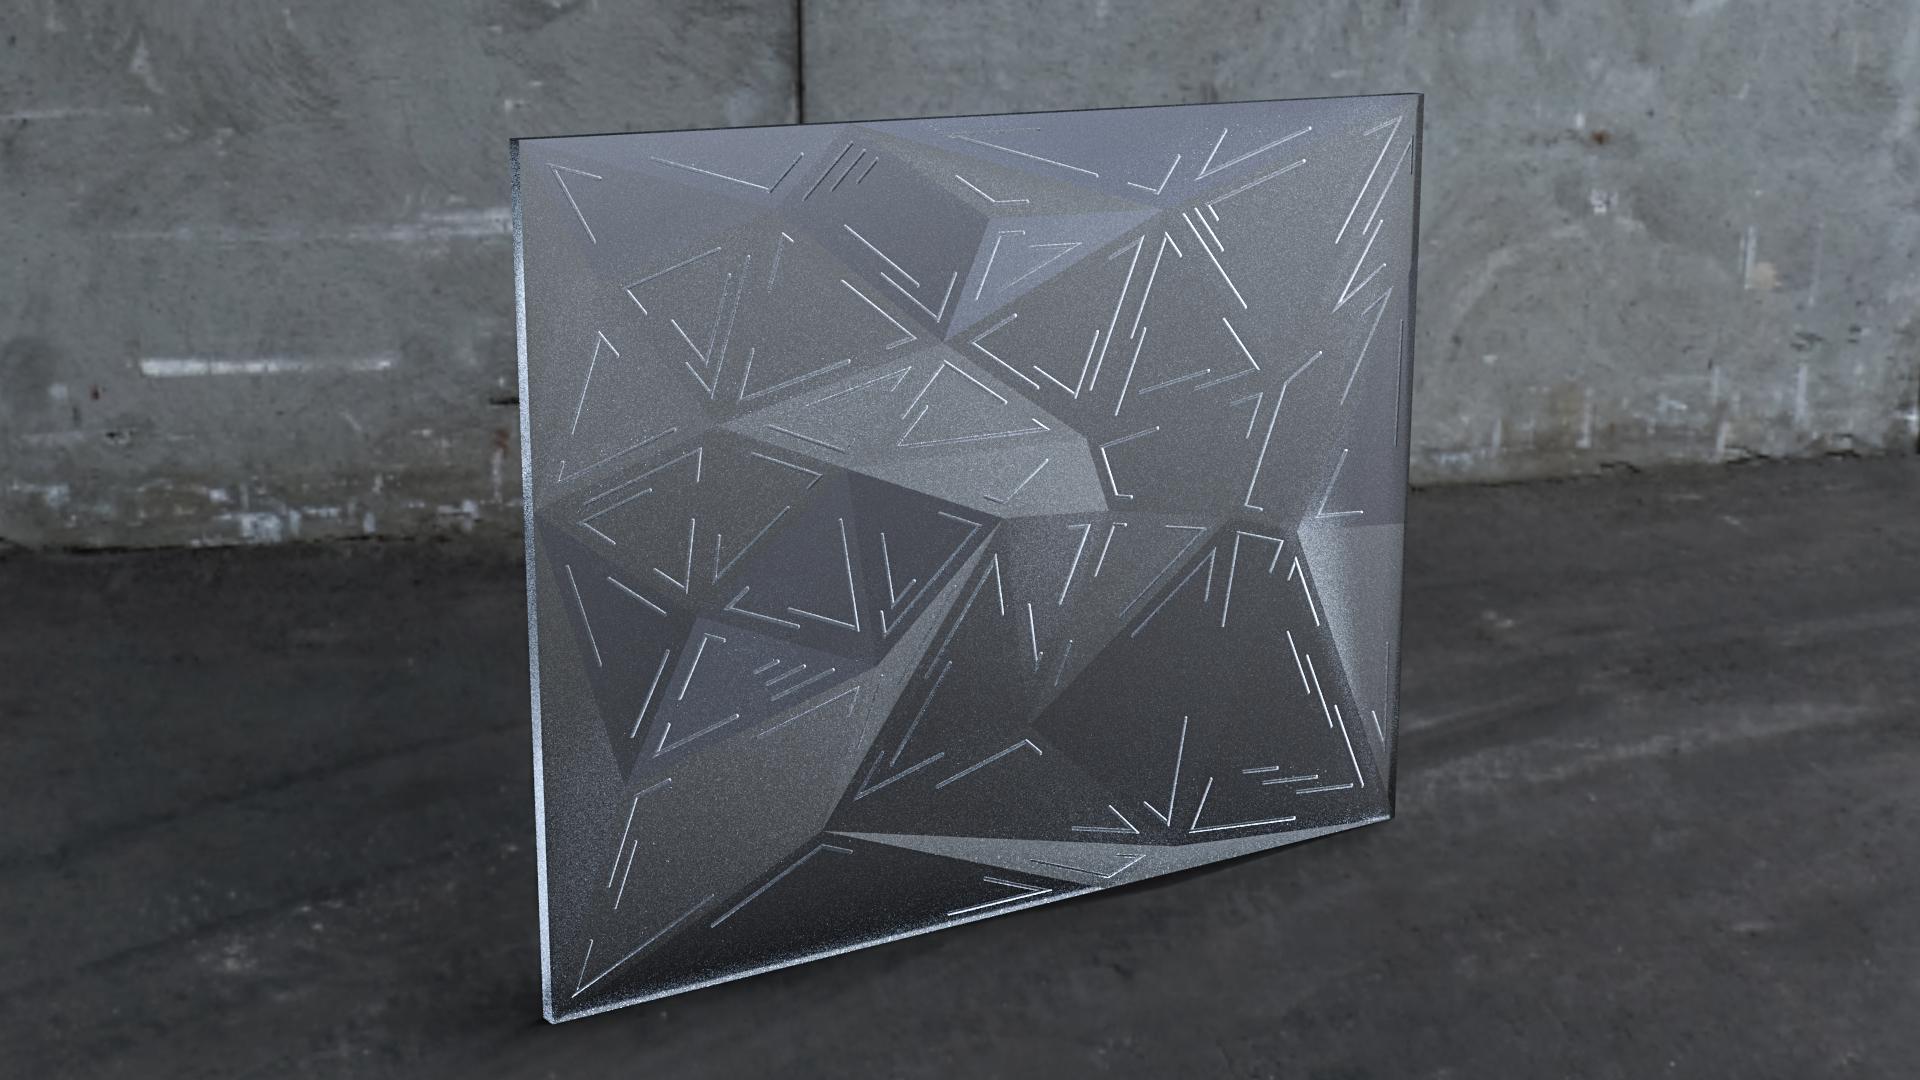 Asteriskos-Design-Mill-Art-GenerativeSimulations-Render-Modern-Acrylic.jpg